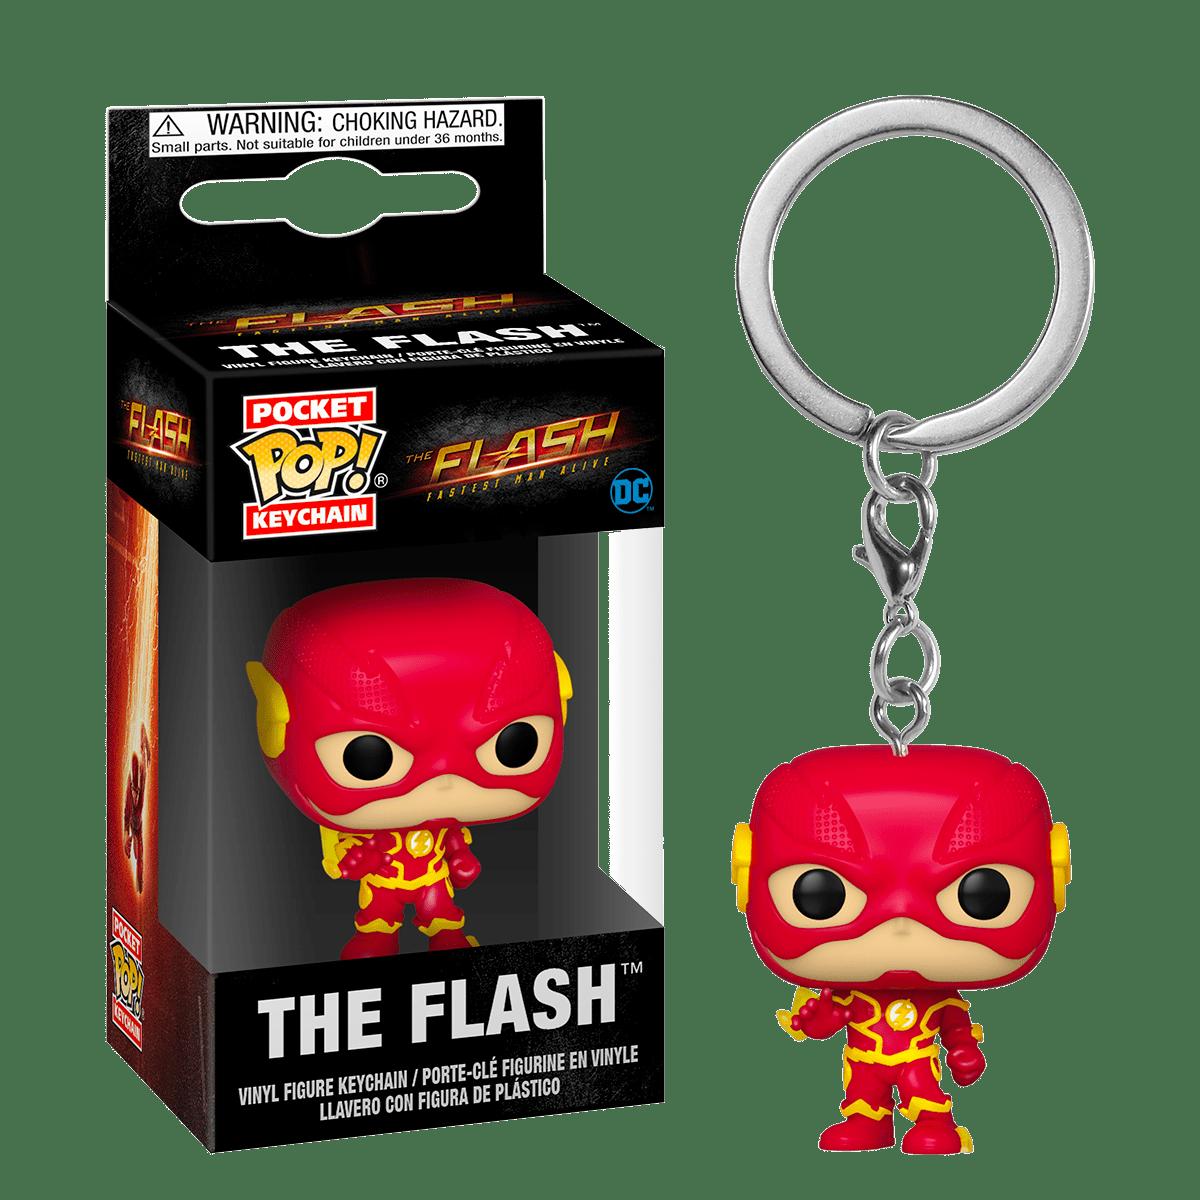 Фанко ПОП Флэш с молниями брелок (The Flash with Lightning Keychain) из сериала Флэш